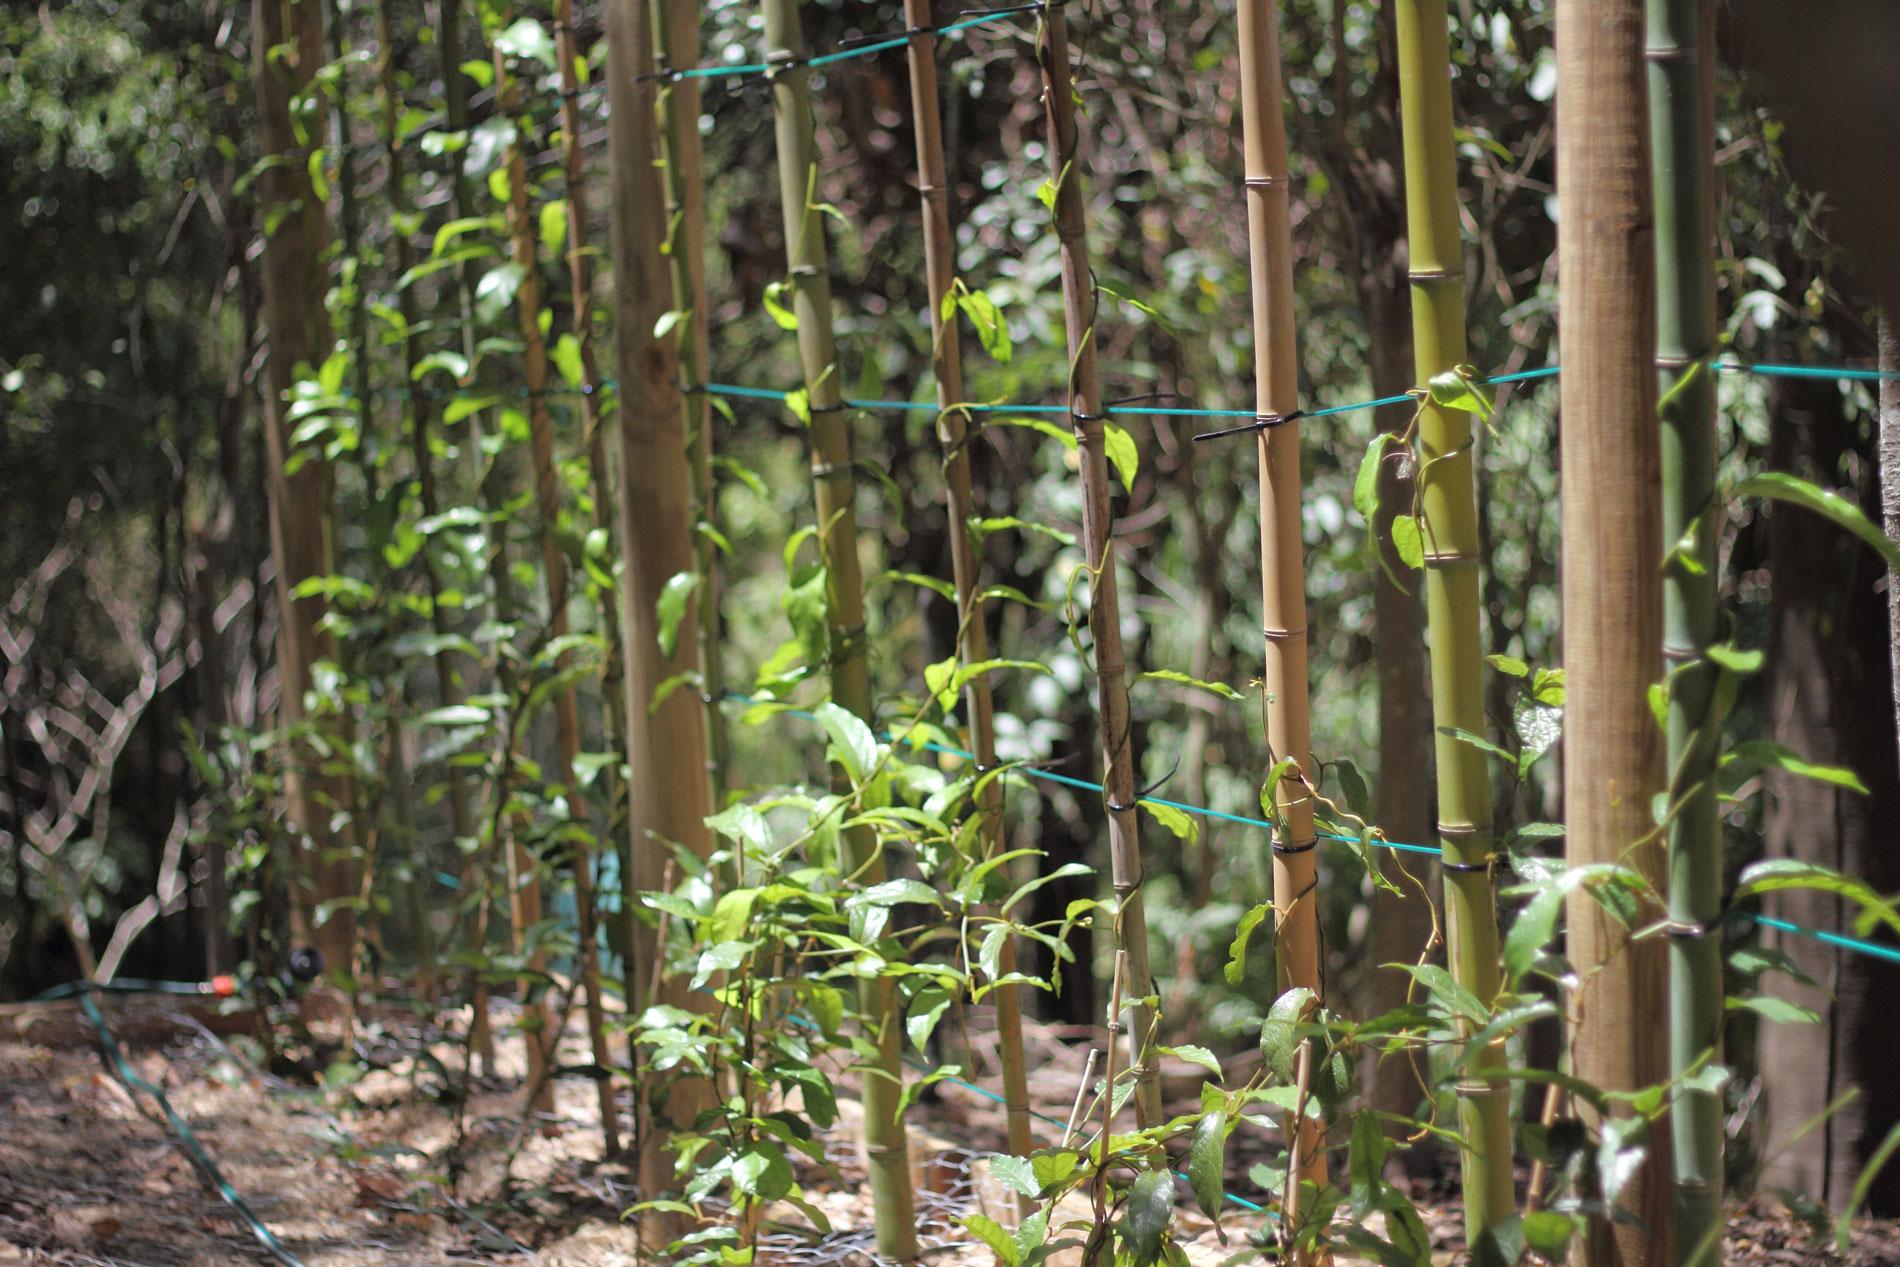 trellises of Richmond Birdwing Vines in Foam Bark Gully